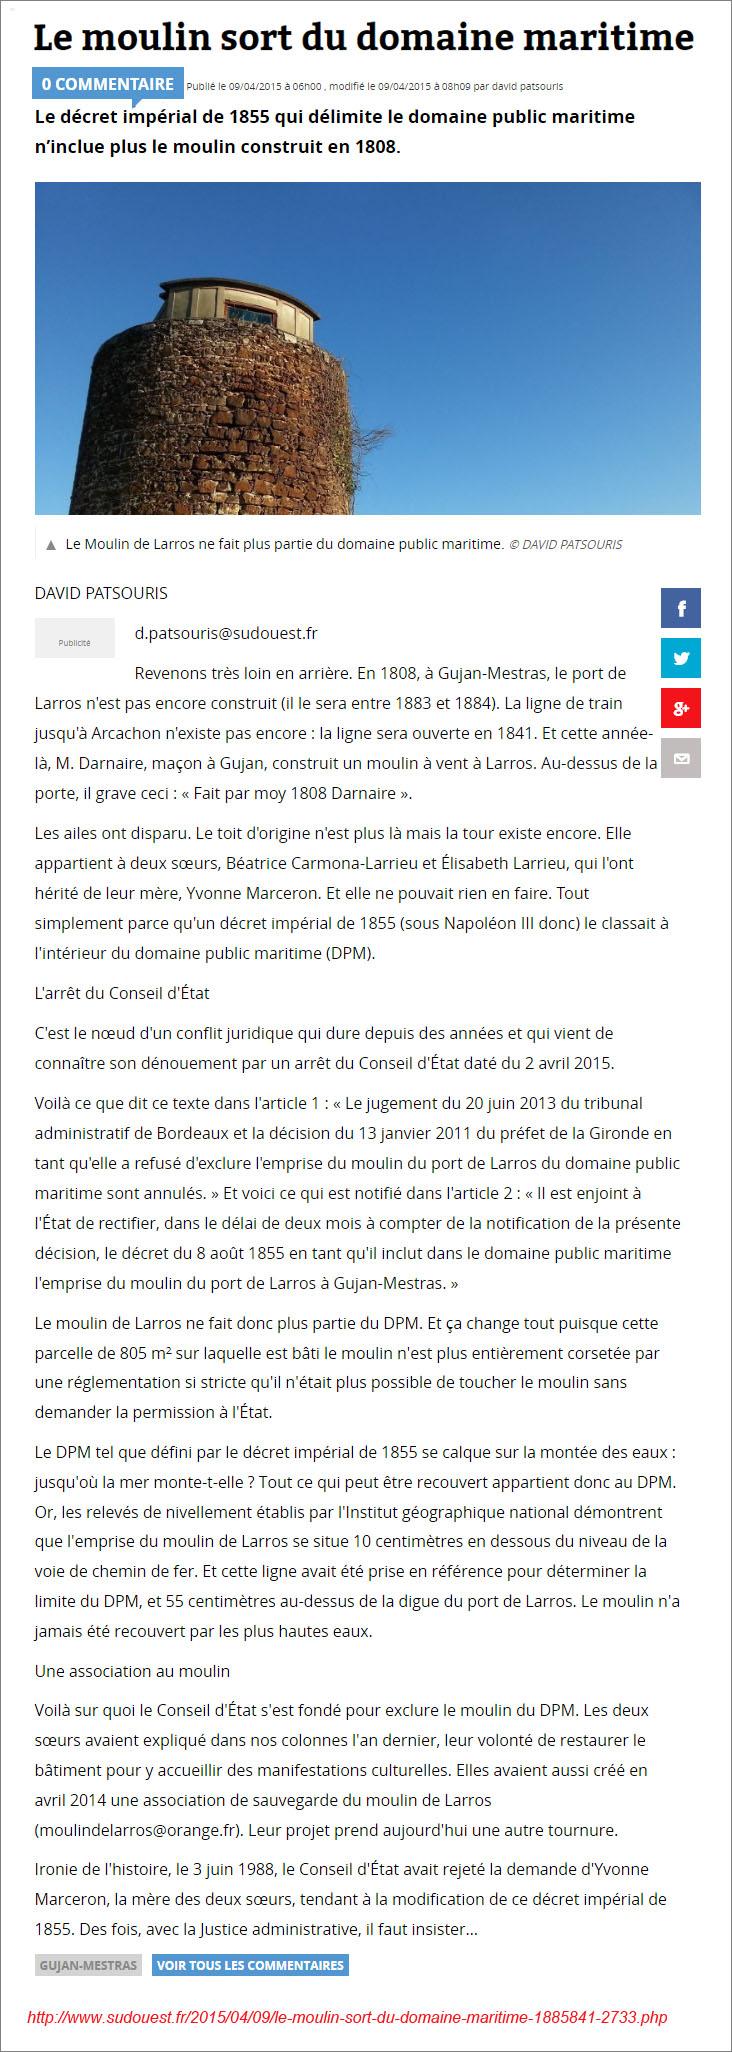 Le moulin de Larros sort du DPM - Sud-Ouest 9 Avril 2015.jpg